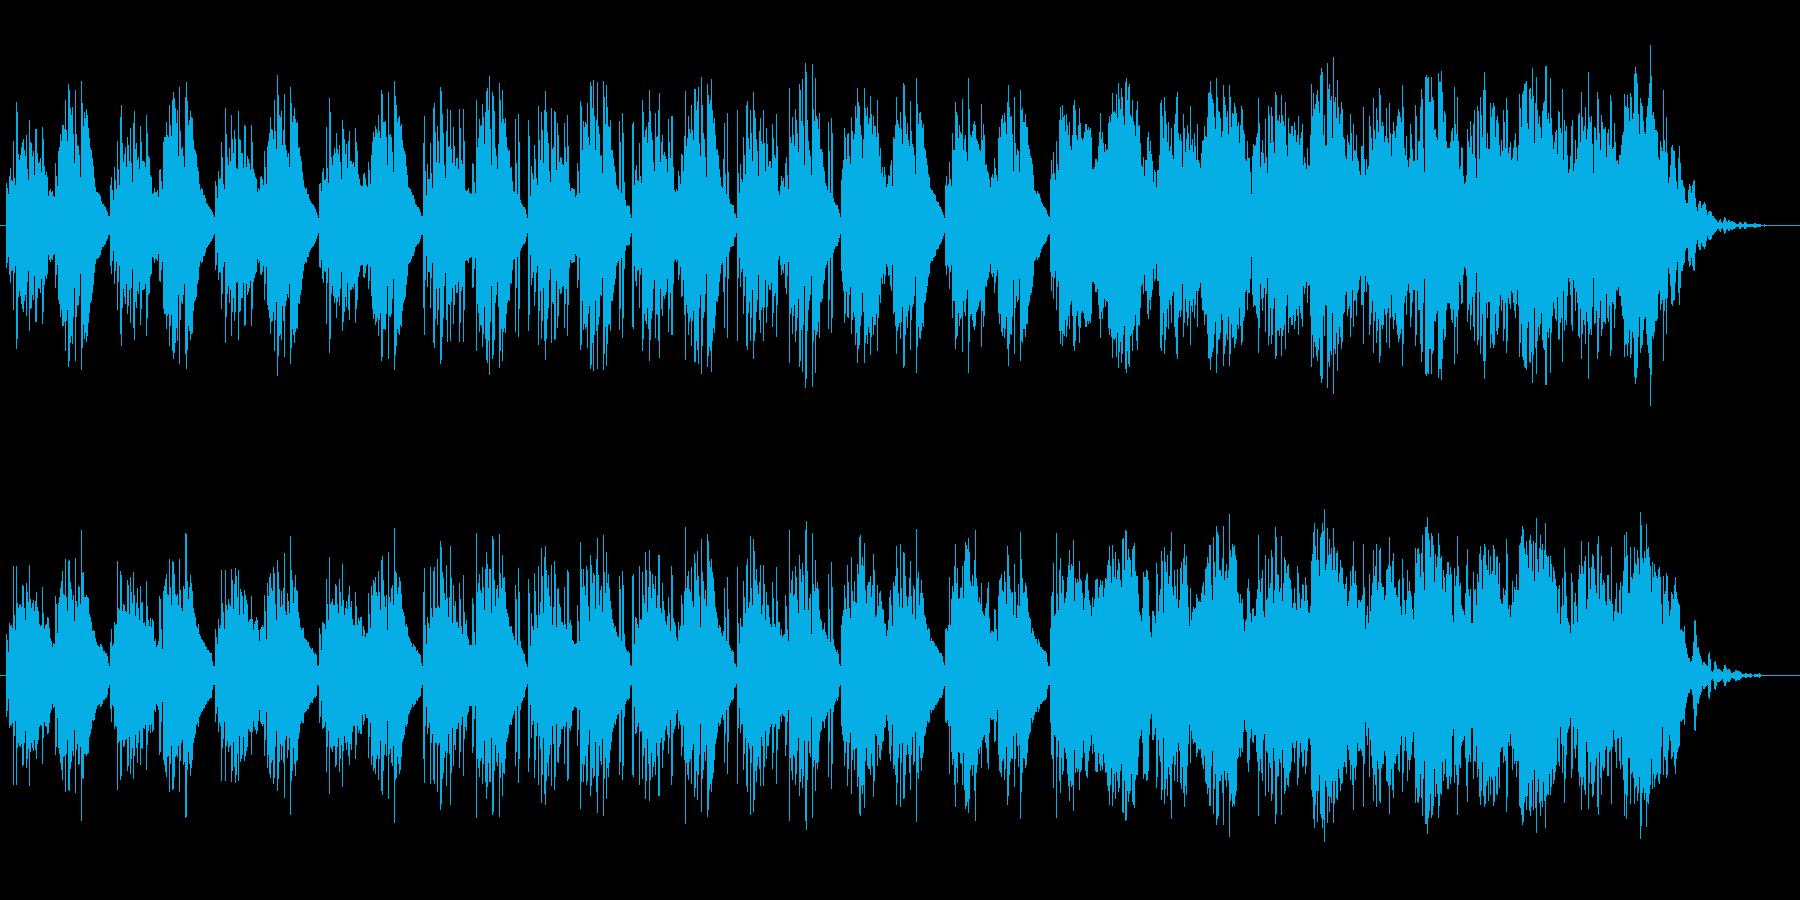 近未来的なヒーリングミュージックの再生済みの波形